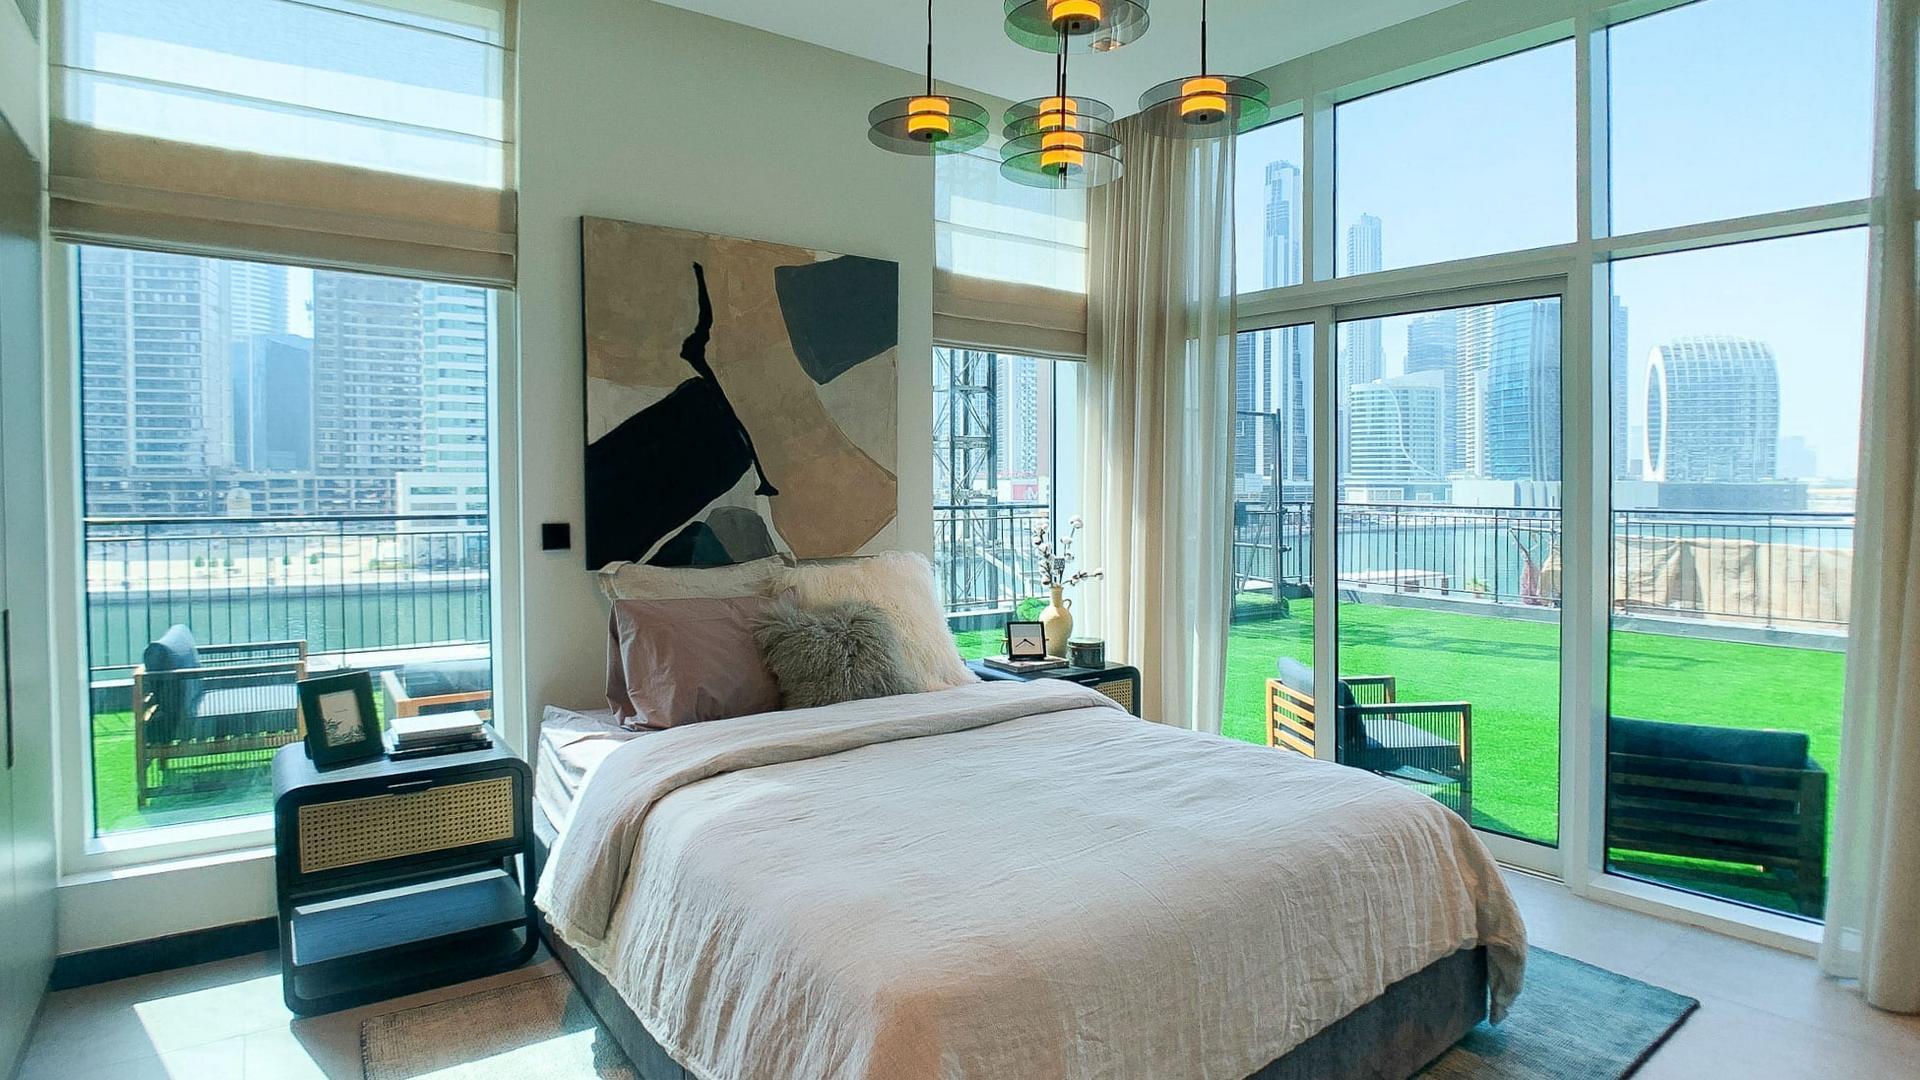 Apartamento en venta en Dubai, EAU, 2 dormitorios, 104 m2, № 24543 – foto 1